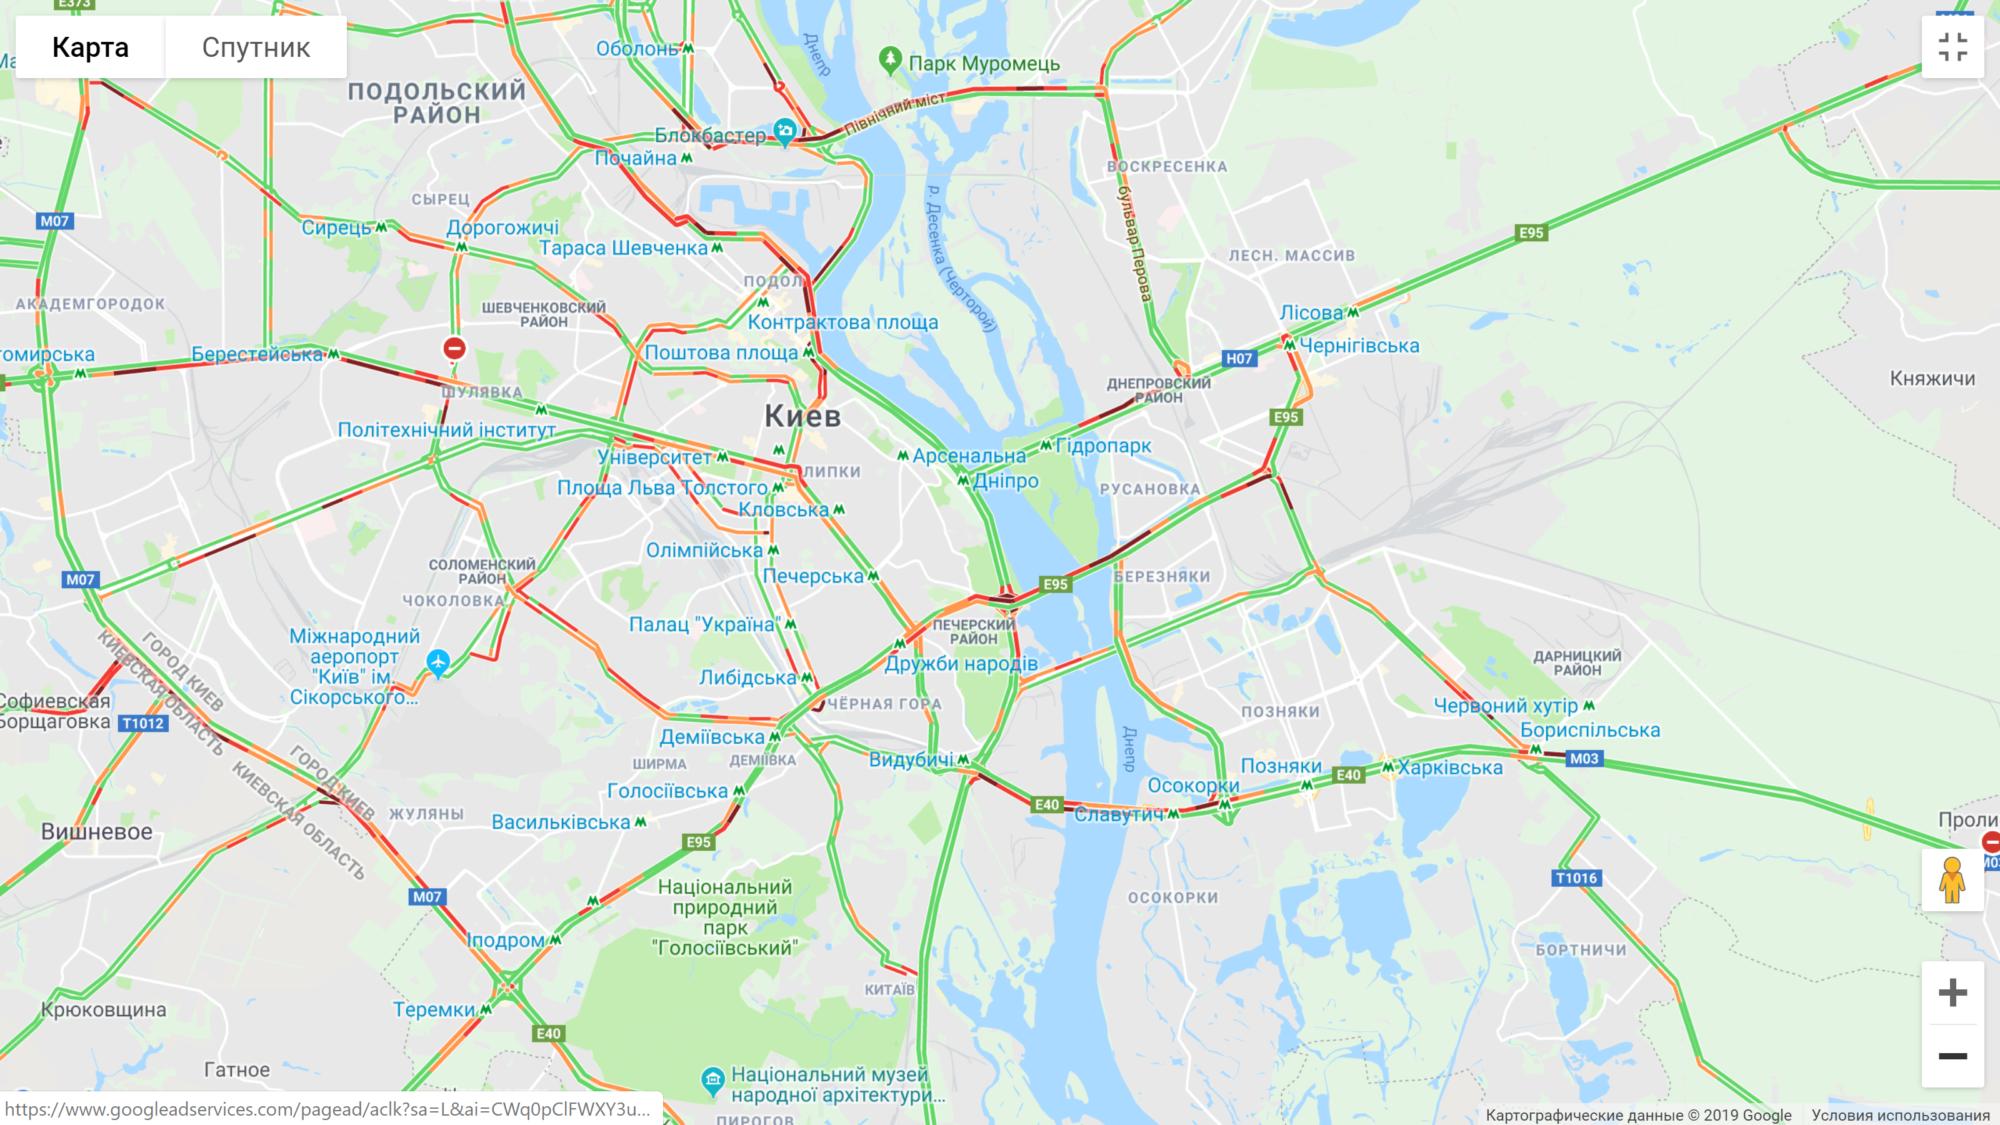 Київ: затори захопили всі мости -  - image 11 2000x1125